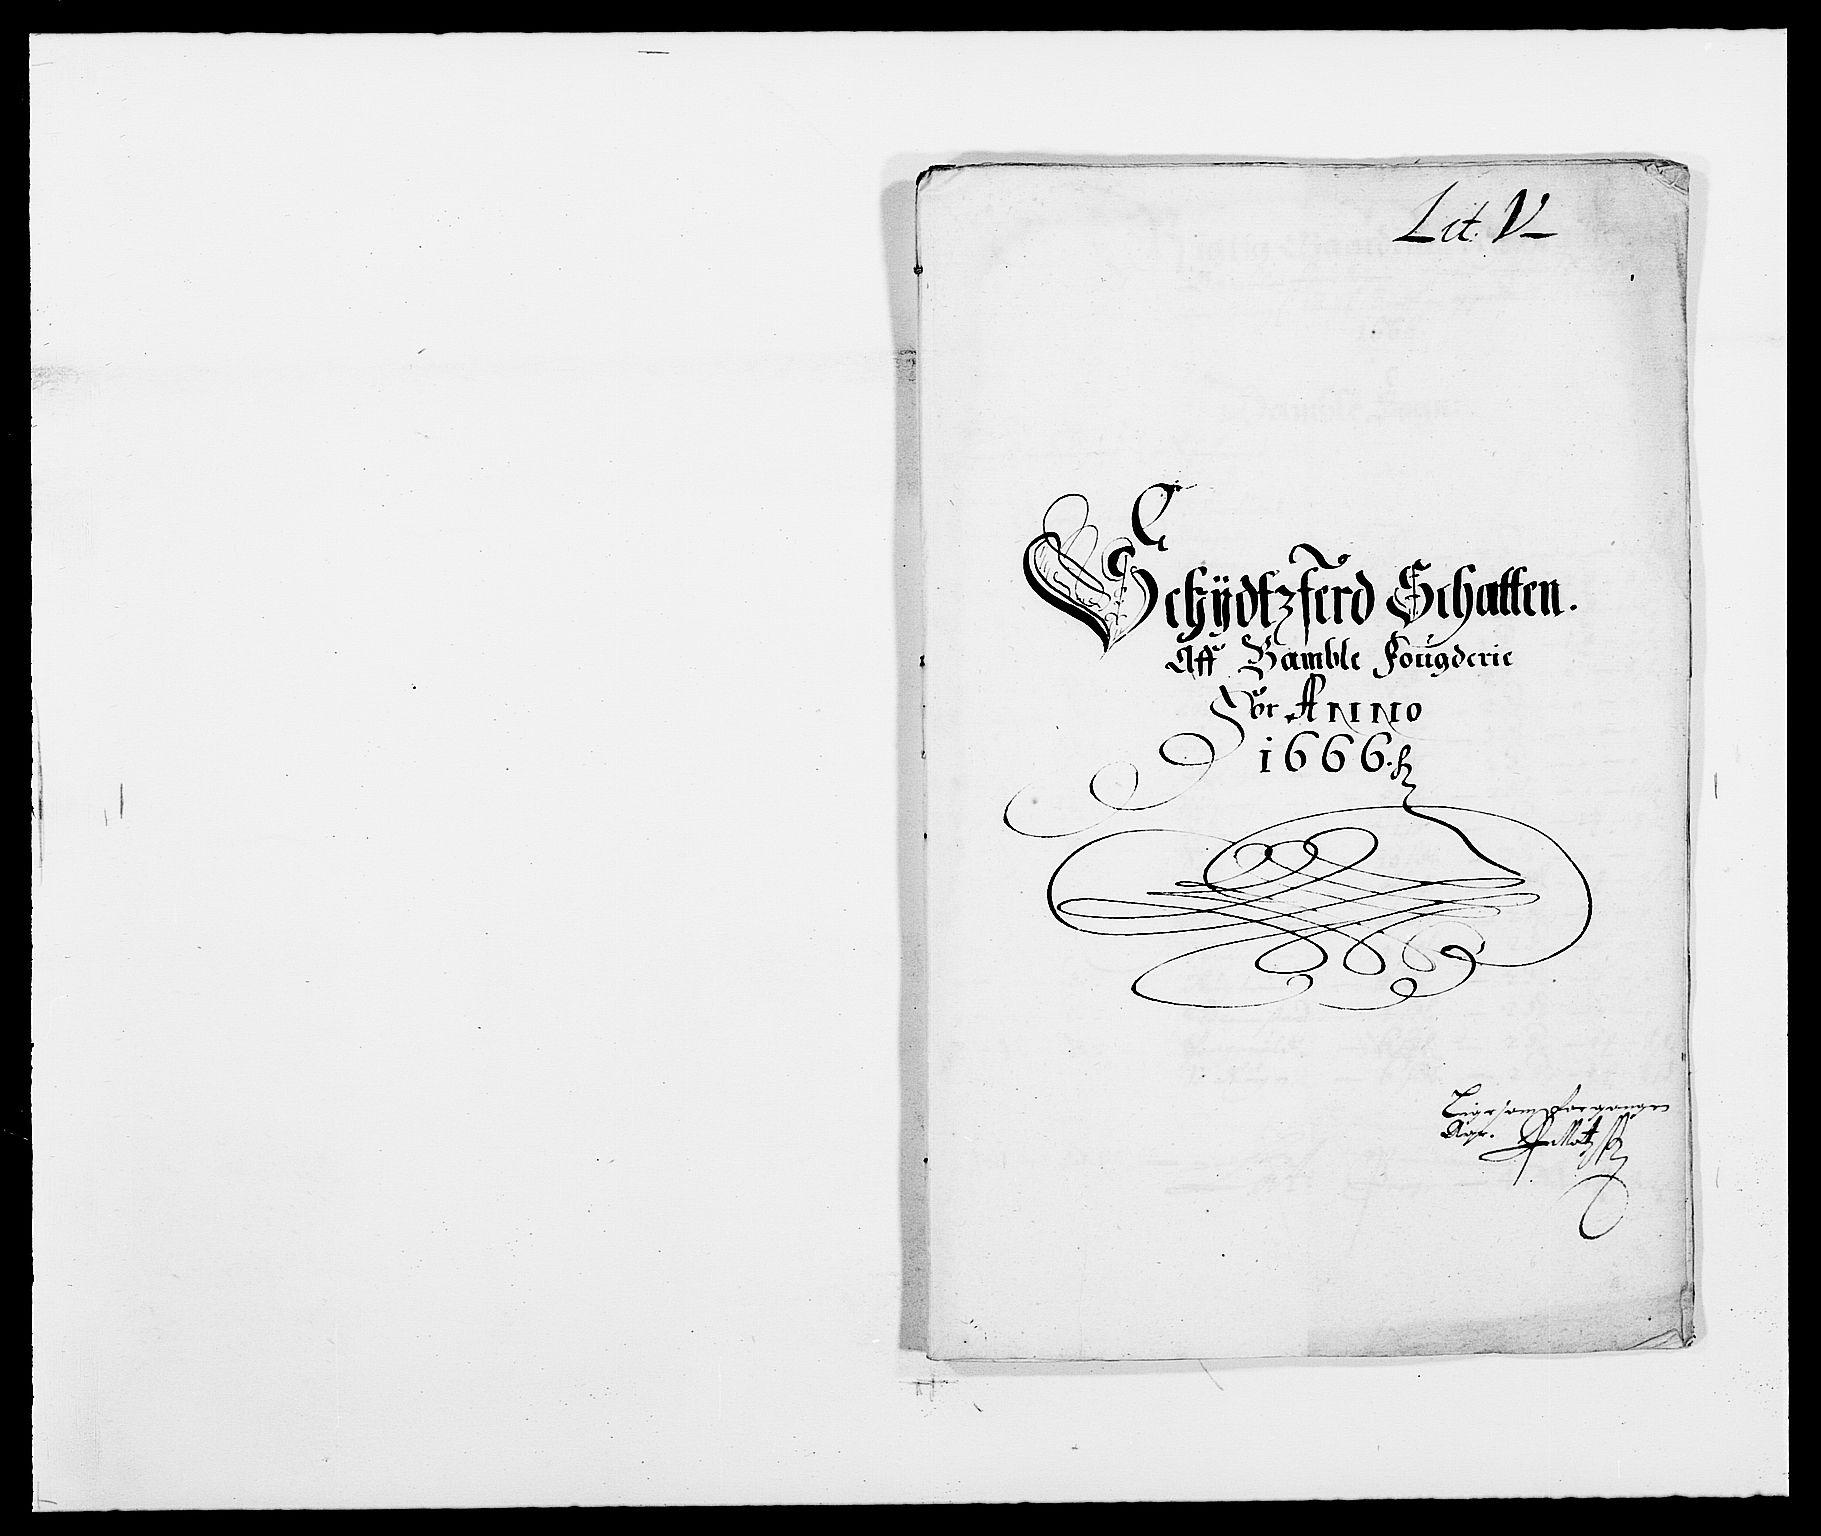 RA, Rentekammeret inntil 1814, Reviderte regnskaper, Fogderegnskap, R34/L2039: Fogderegnskap Bamble, 1662-1669, s. 52